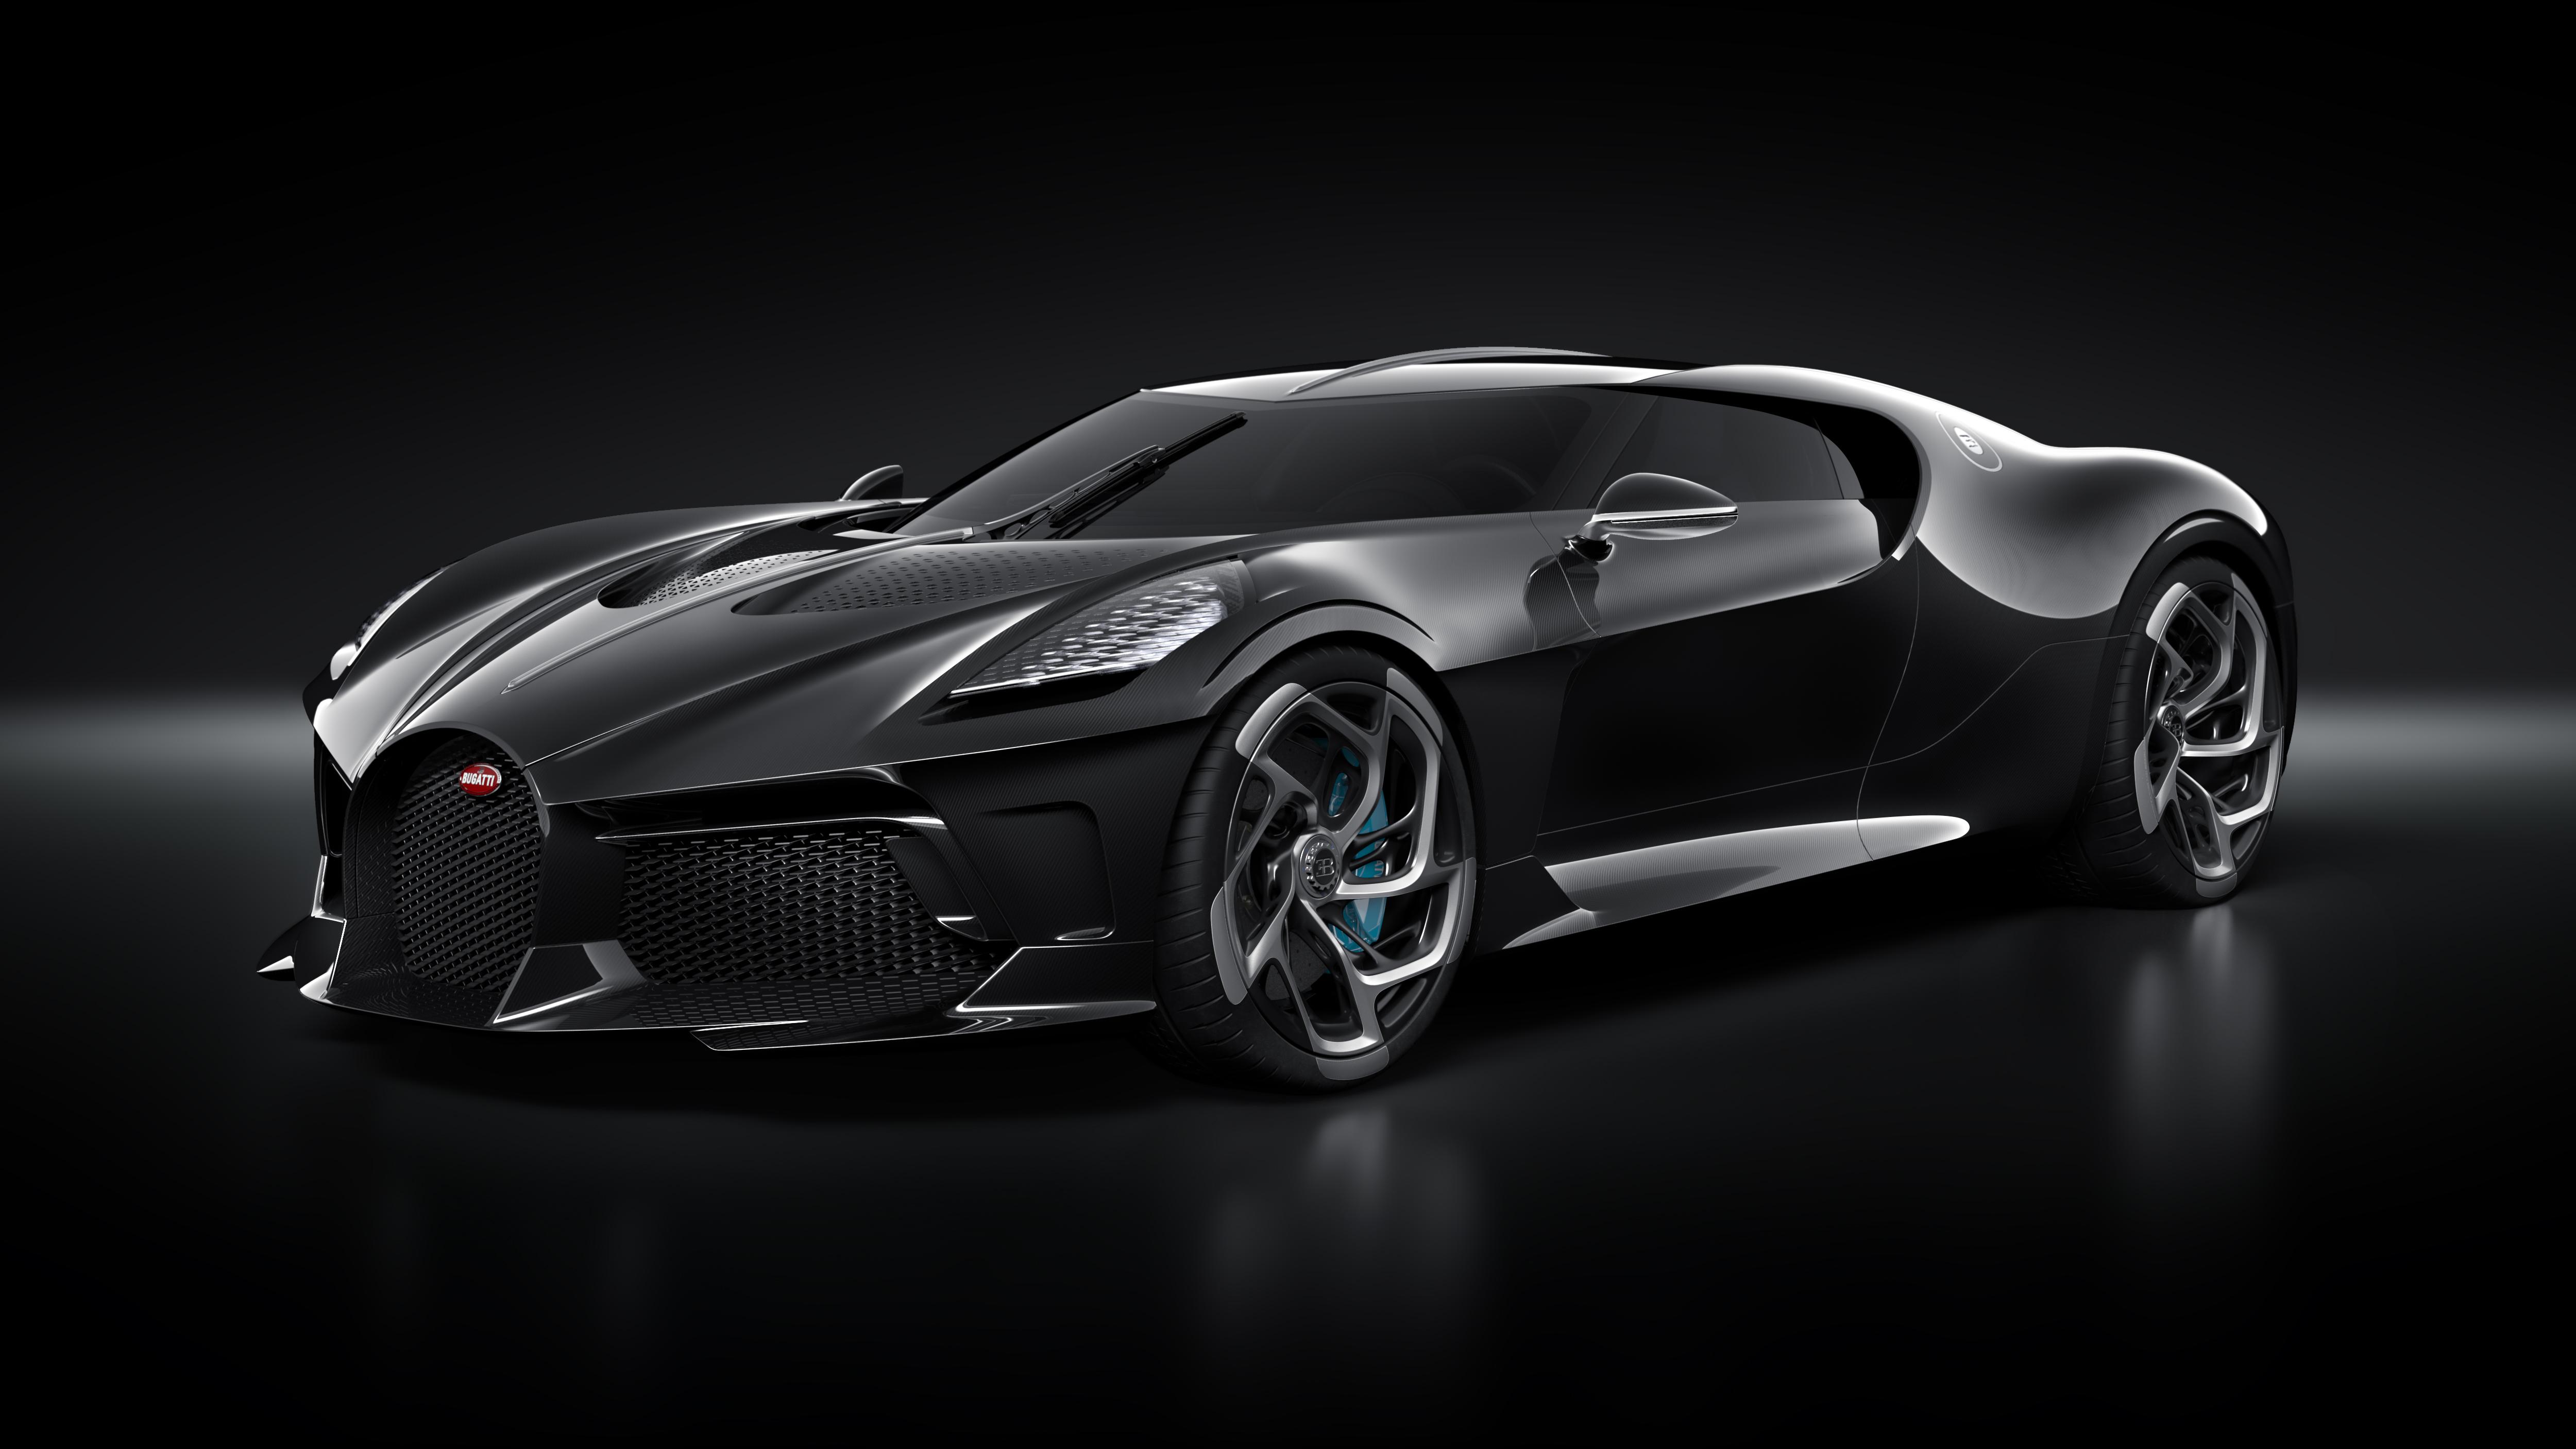 Bugatti La Voltaire Noire Fond D Ecran 4k 3840x2160 Wallpapertip